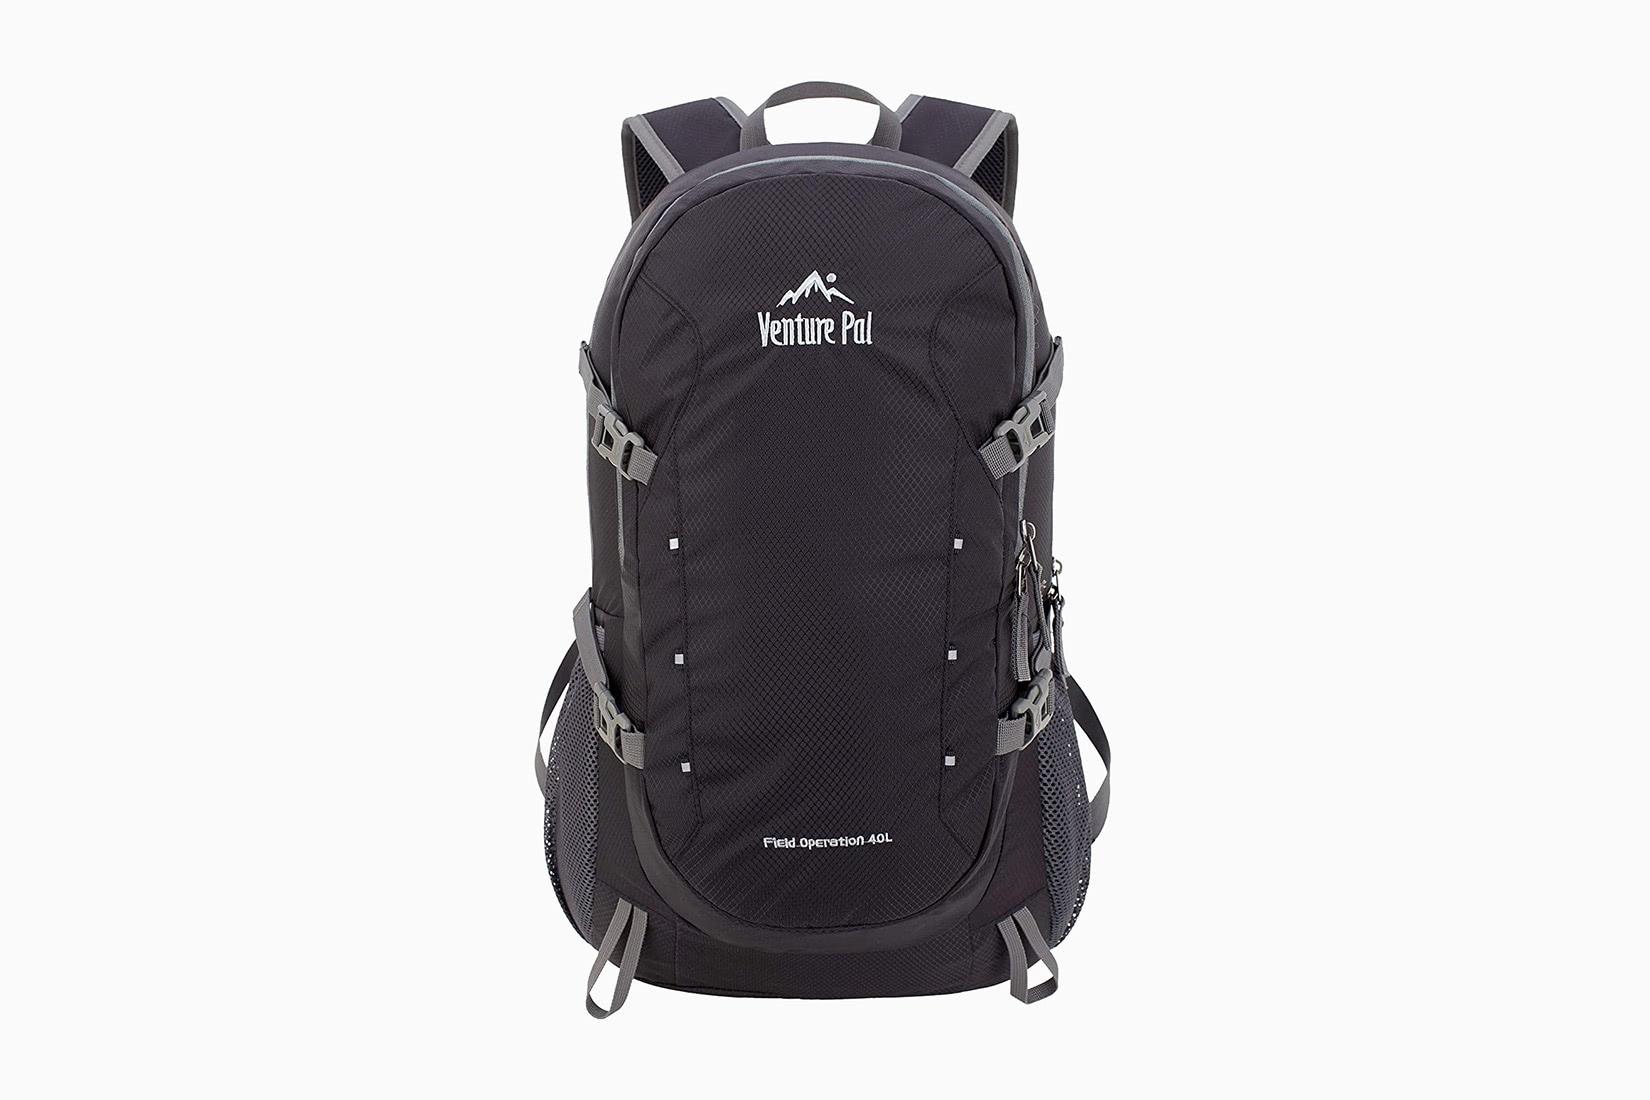 best edc backpack venture pal - Luxe Digital